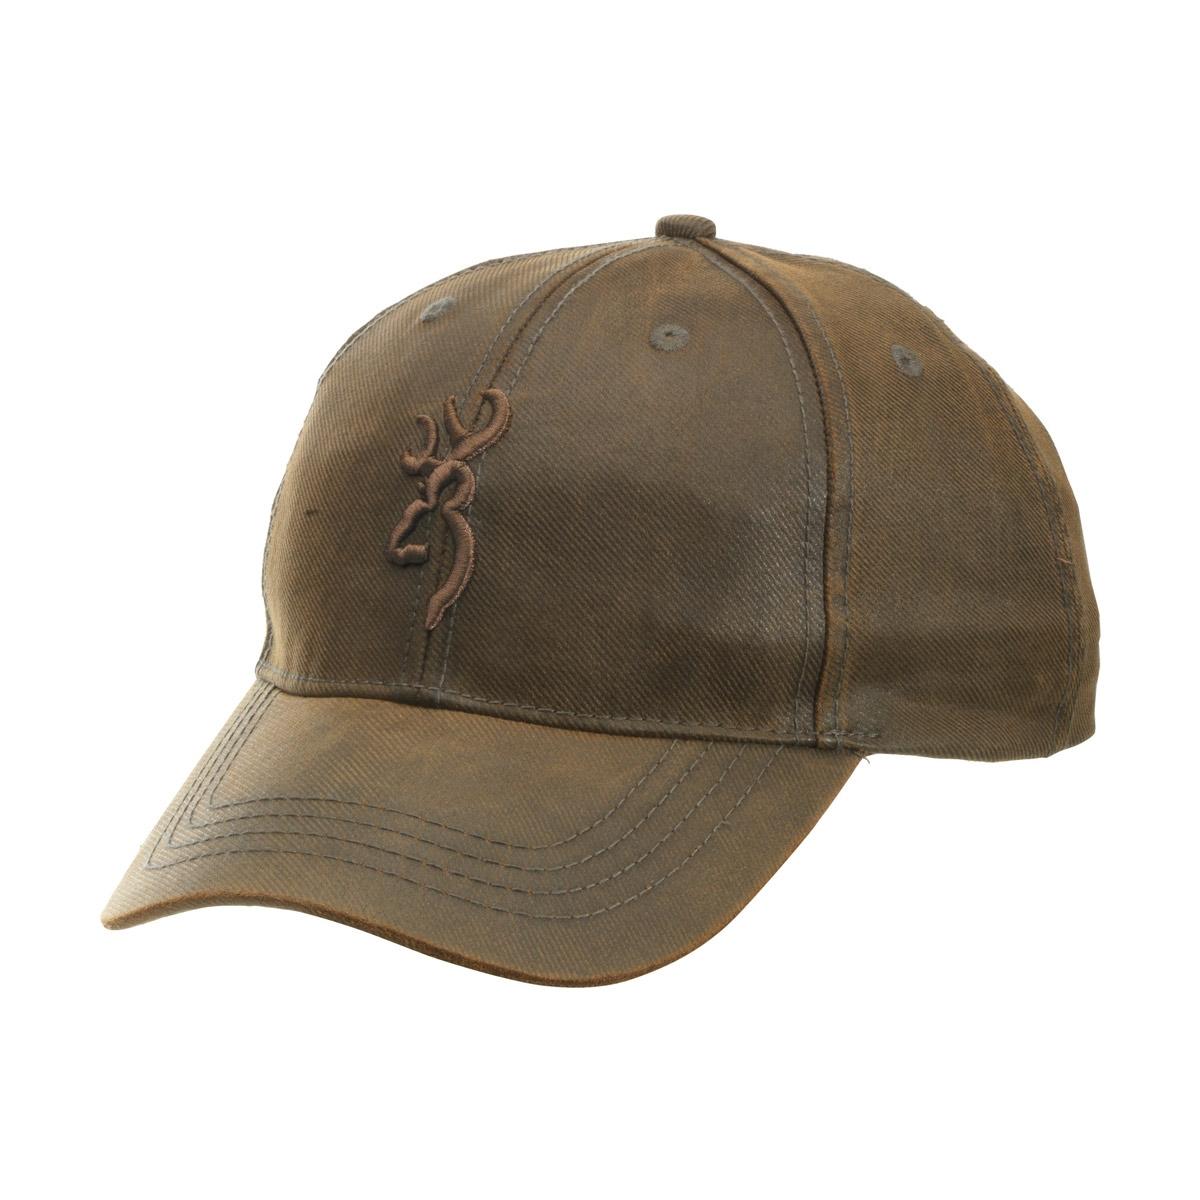 browning rhino hide cap brown uttings co uk